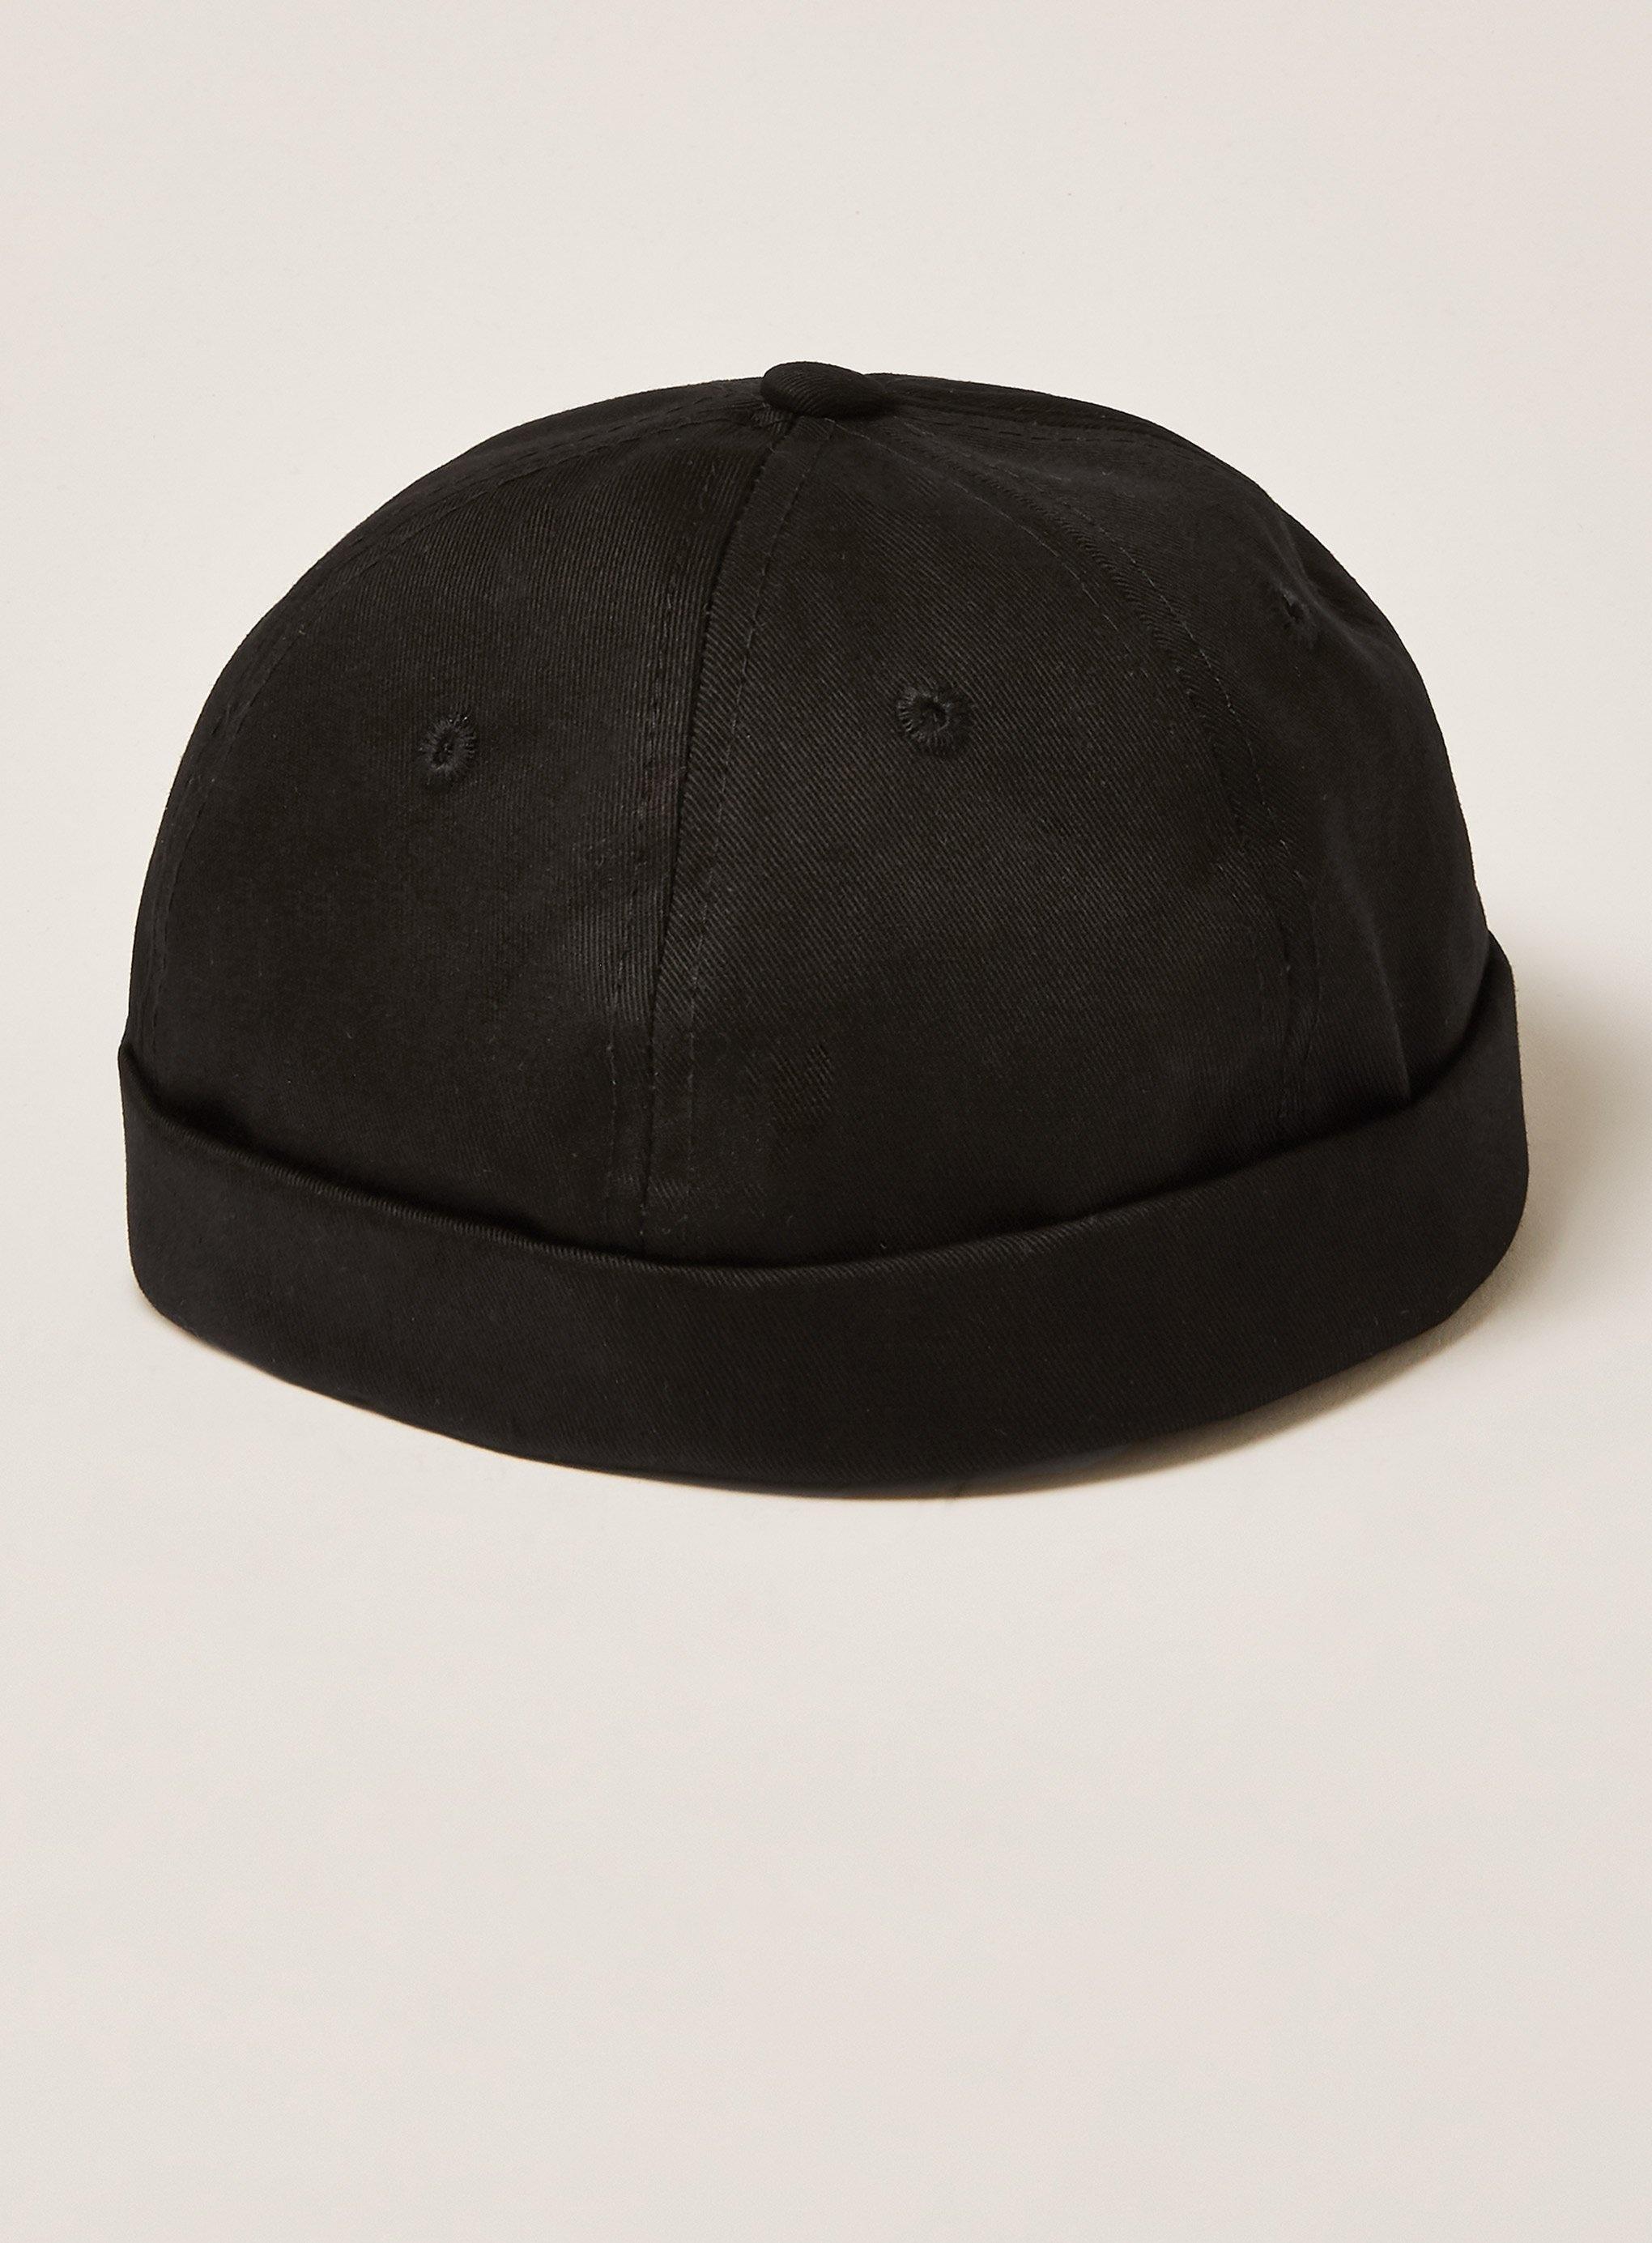 55ac639720c Lyst - Nicce London Mini Docker Hat in Black for Men